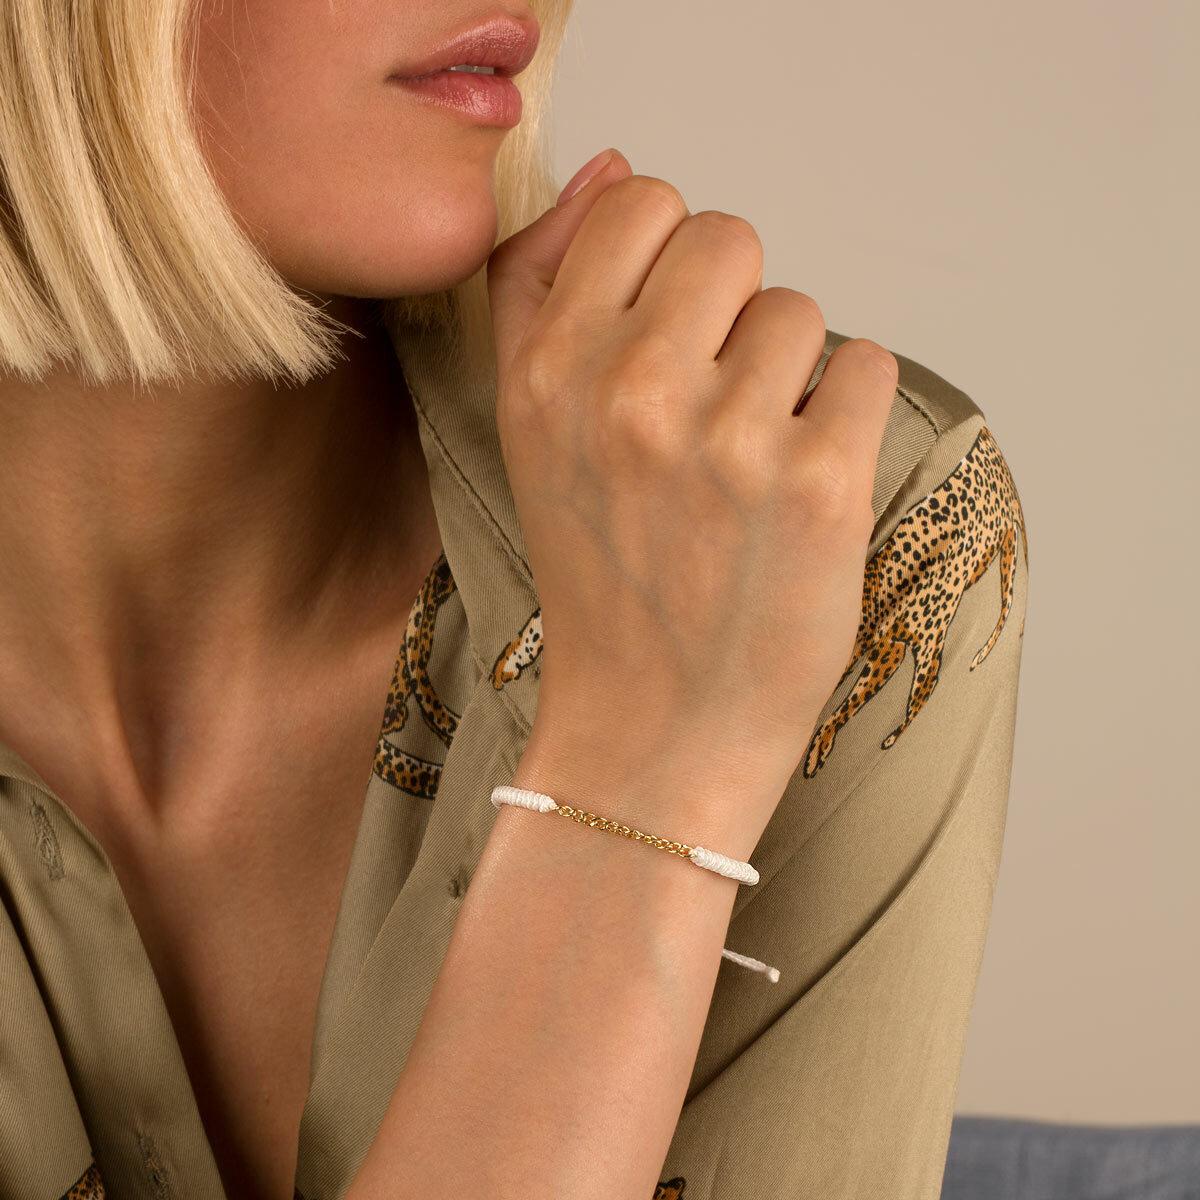 دستبند طلا بافت سفید سیزده حلقه کارتیه